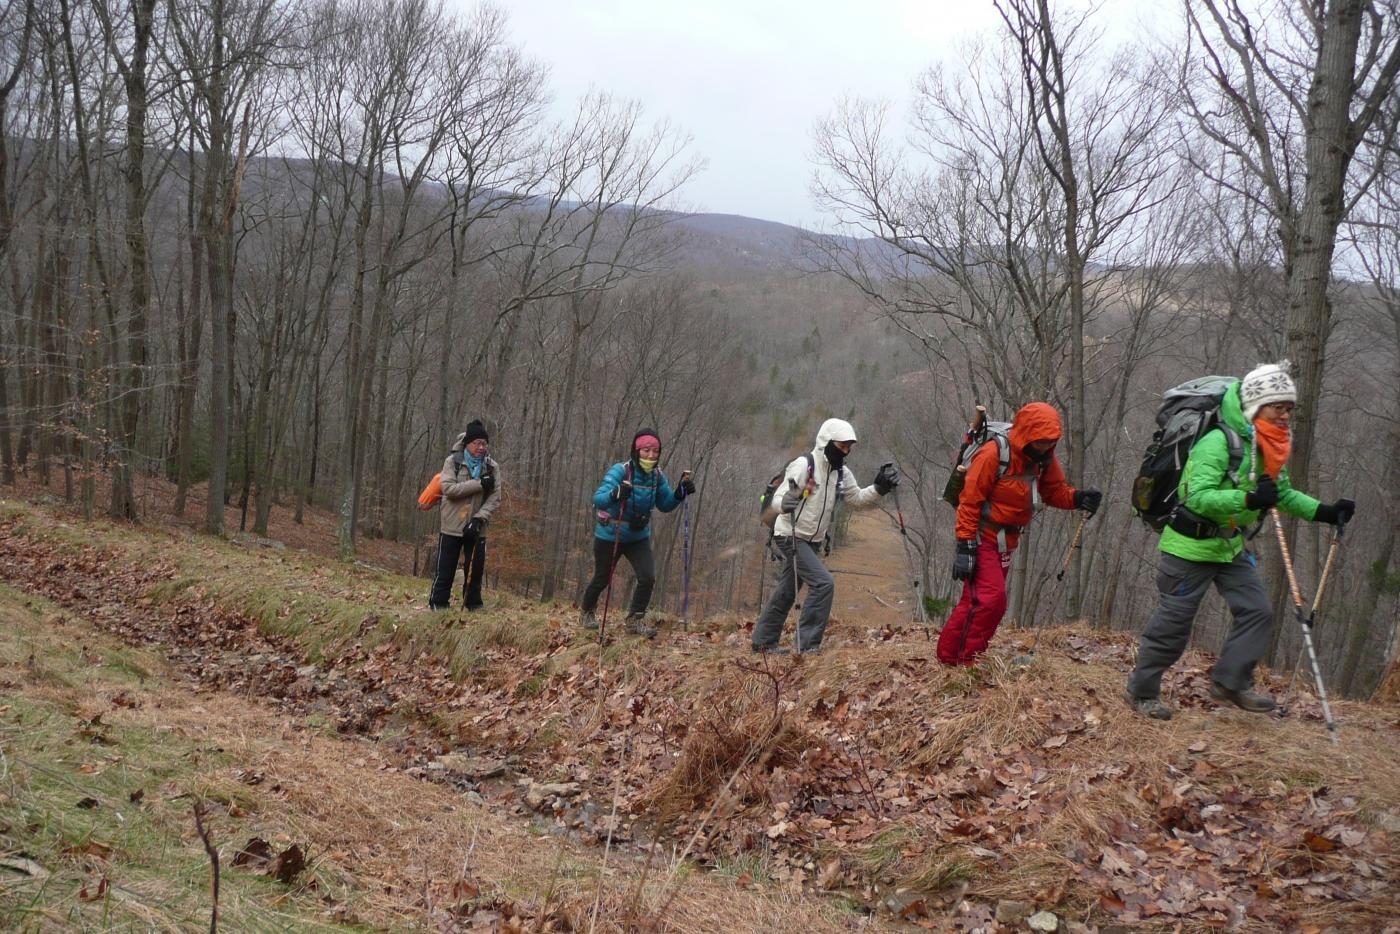 酷寒冬夜,翻山嶺,過溪河---夜山行之2 / Tuxedo/Sebago -- Night Hike Take 2 ... .. ..._图1-6